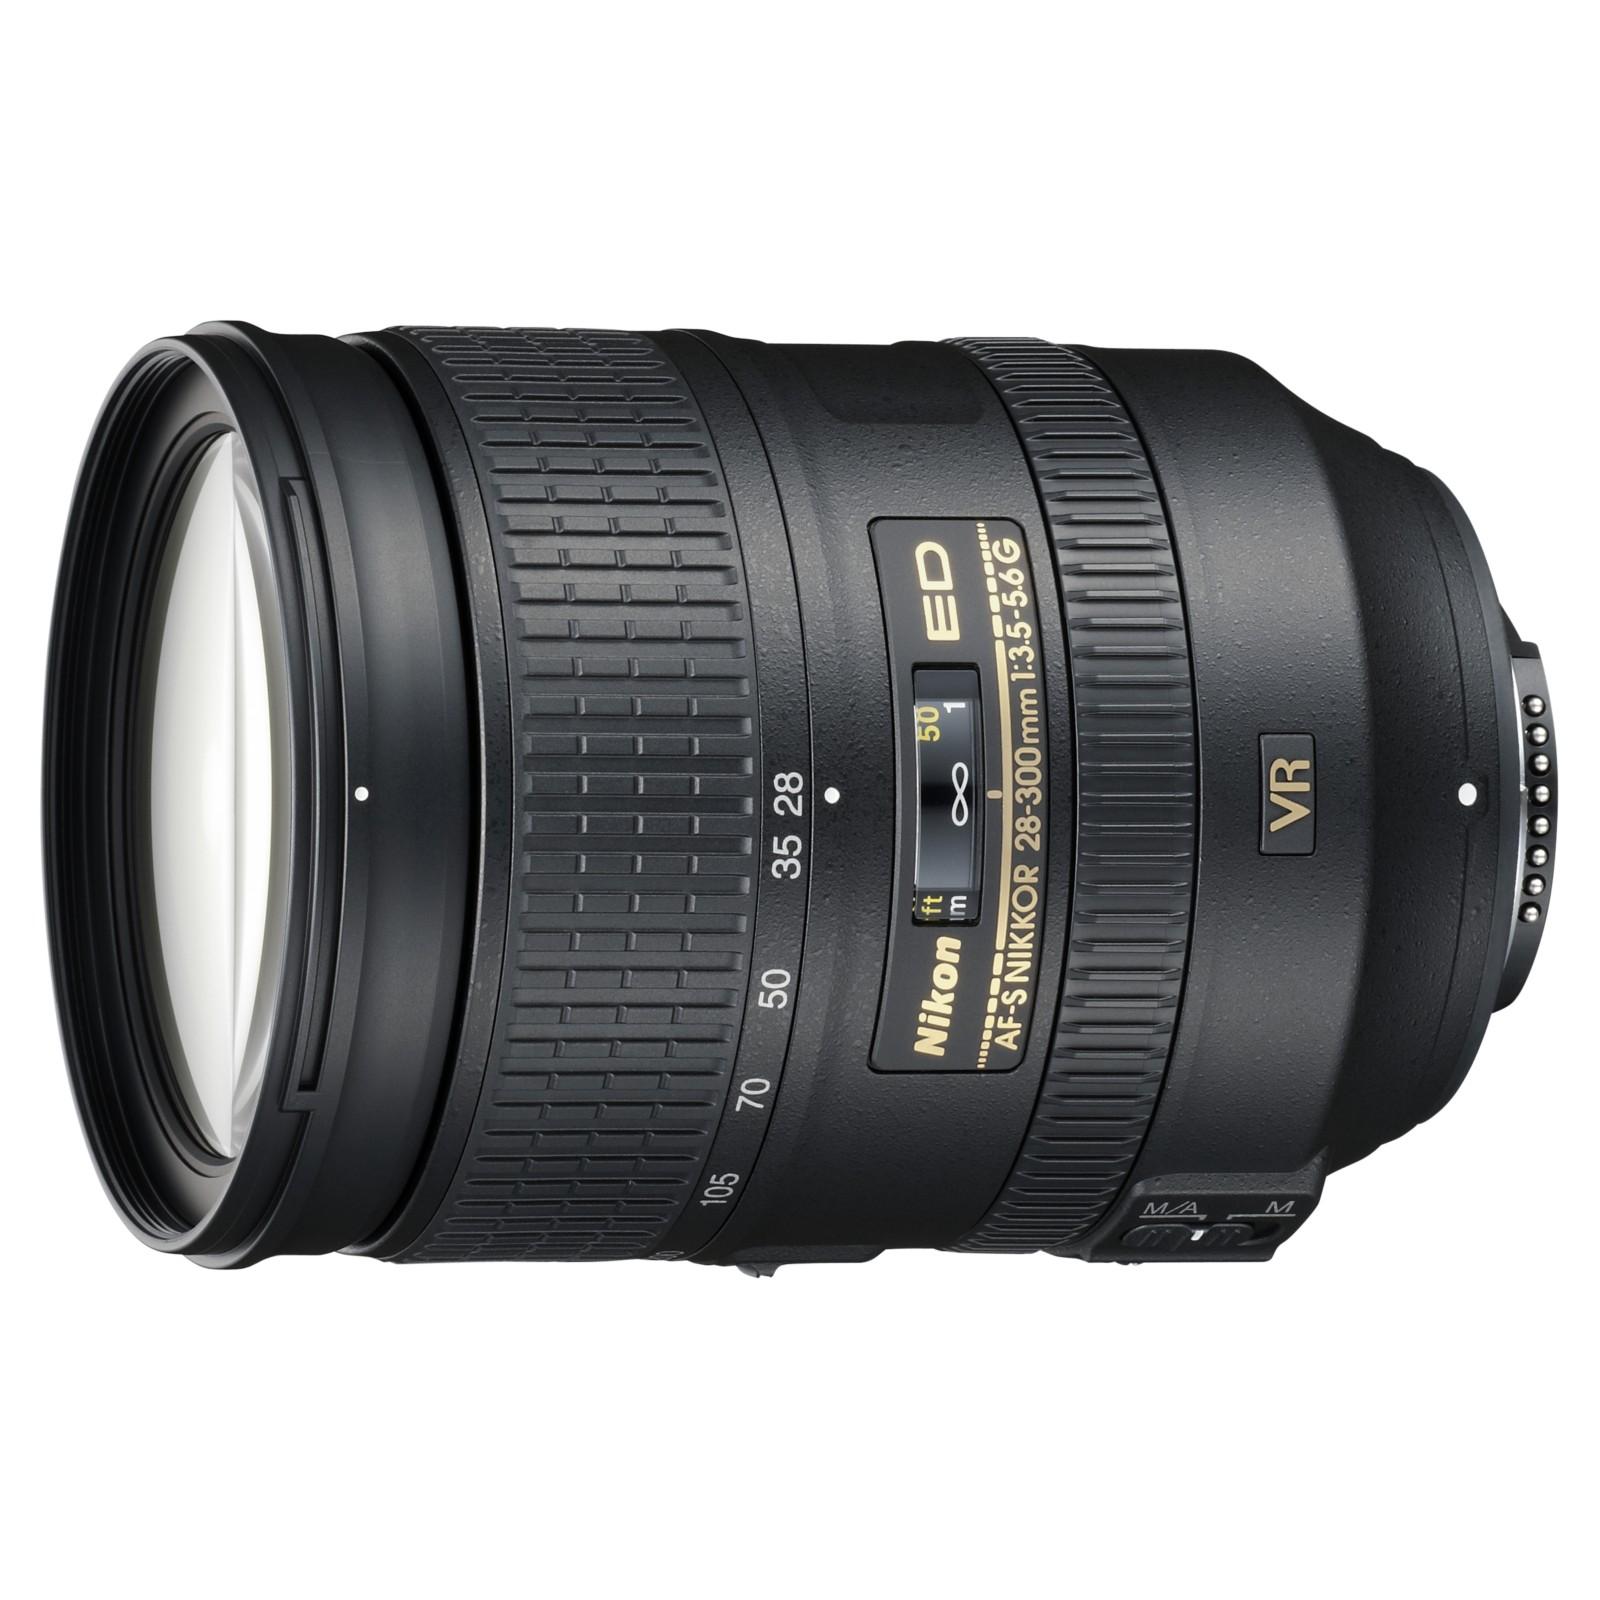 Nikon 28-300mm f3.5-5.6G VR AF-S Telephoto Lens